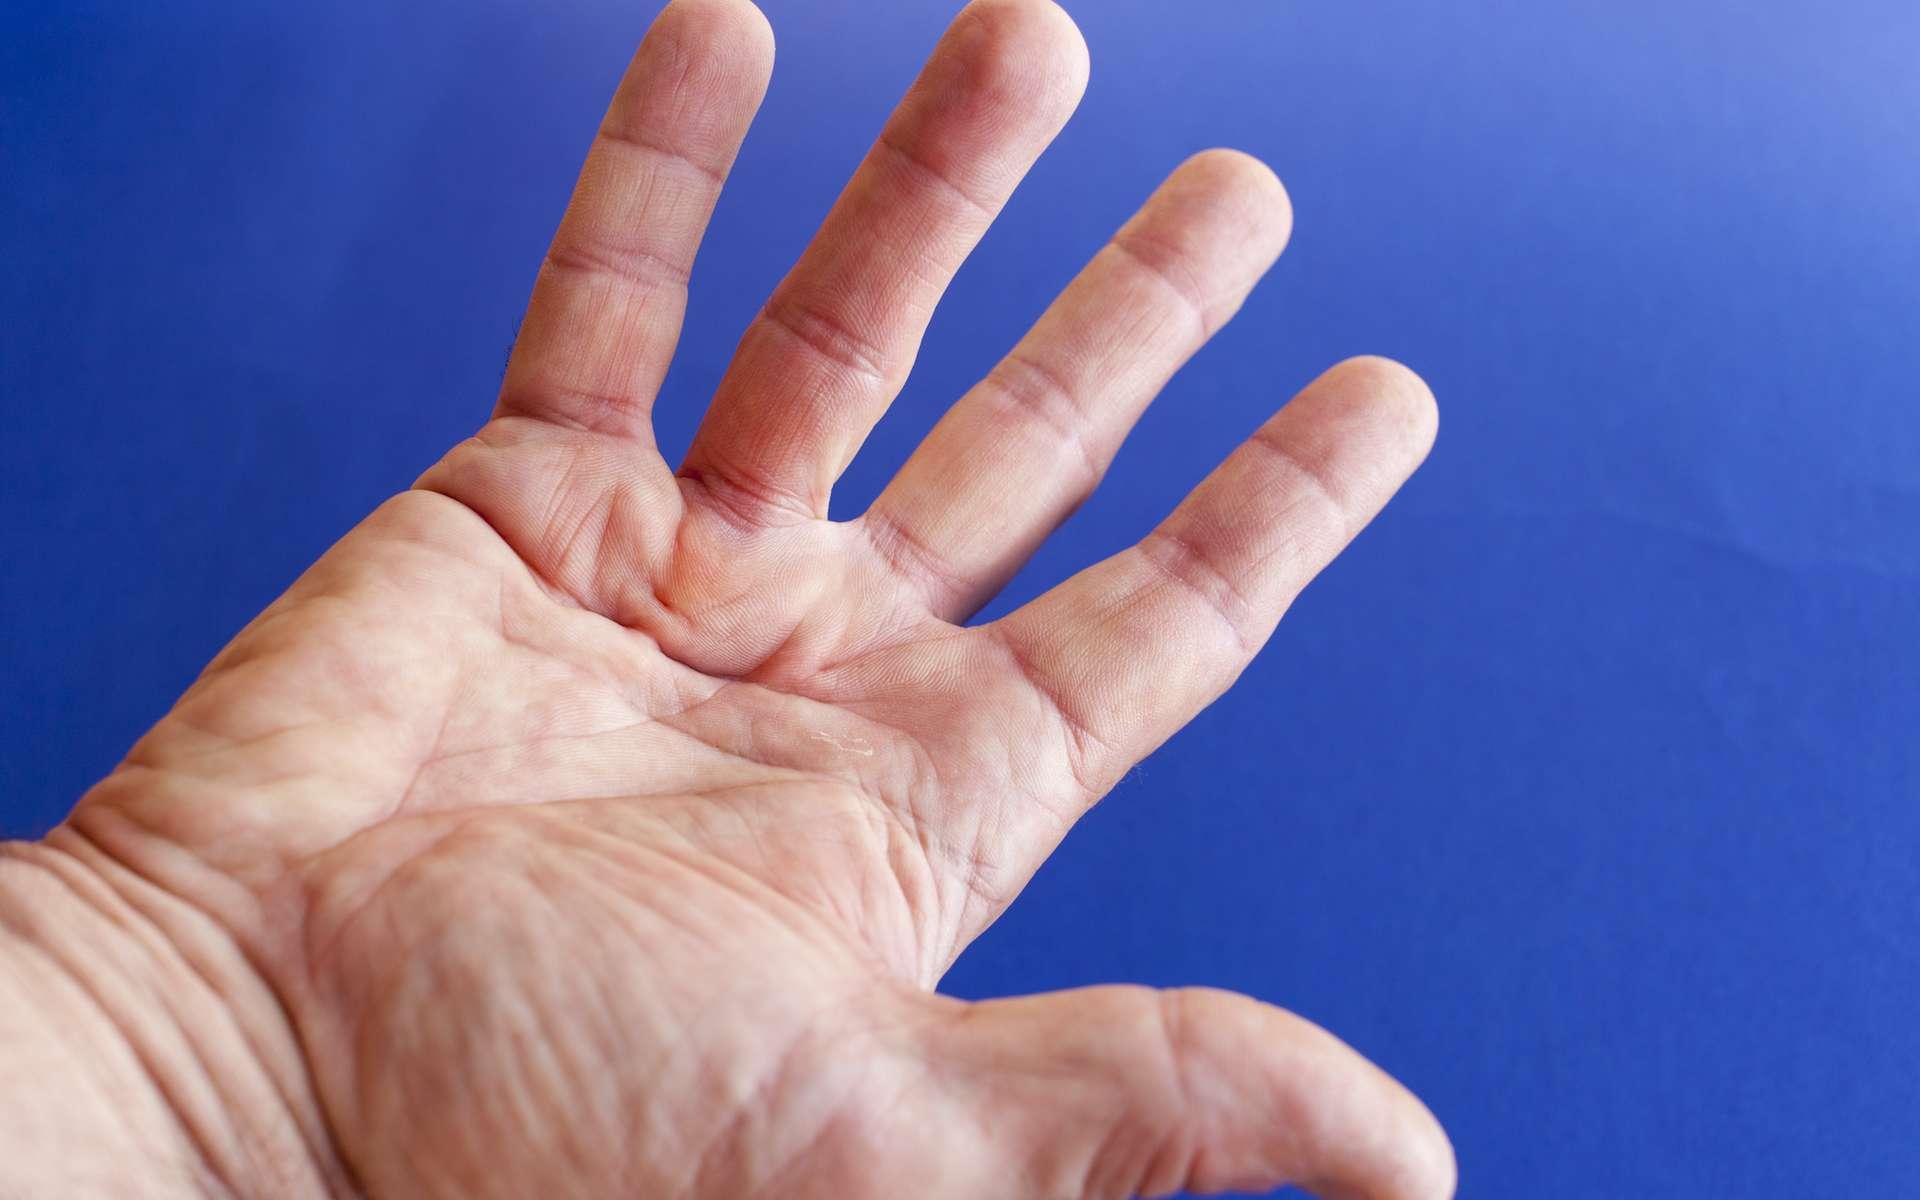 La maladie de Dupuytren entraîne une déformation de la main avec des doigts figés en crochet. © perfectmatch, Adobe Stock